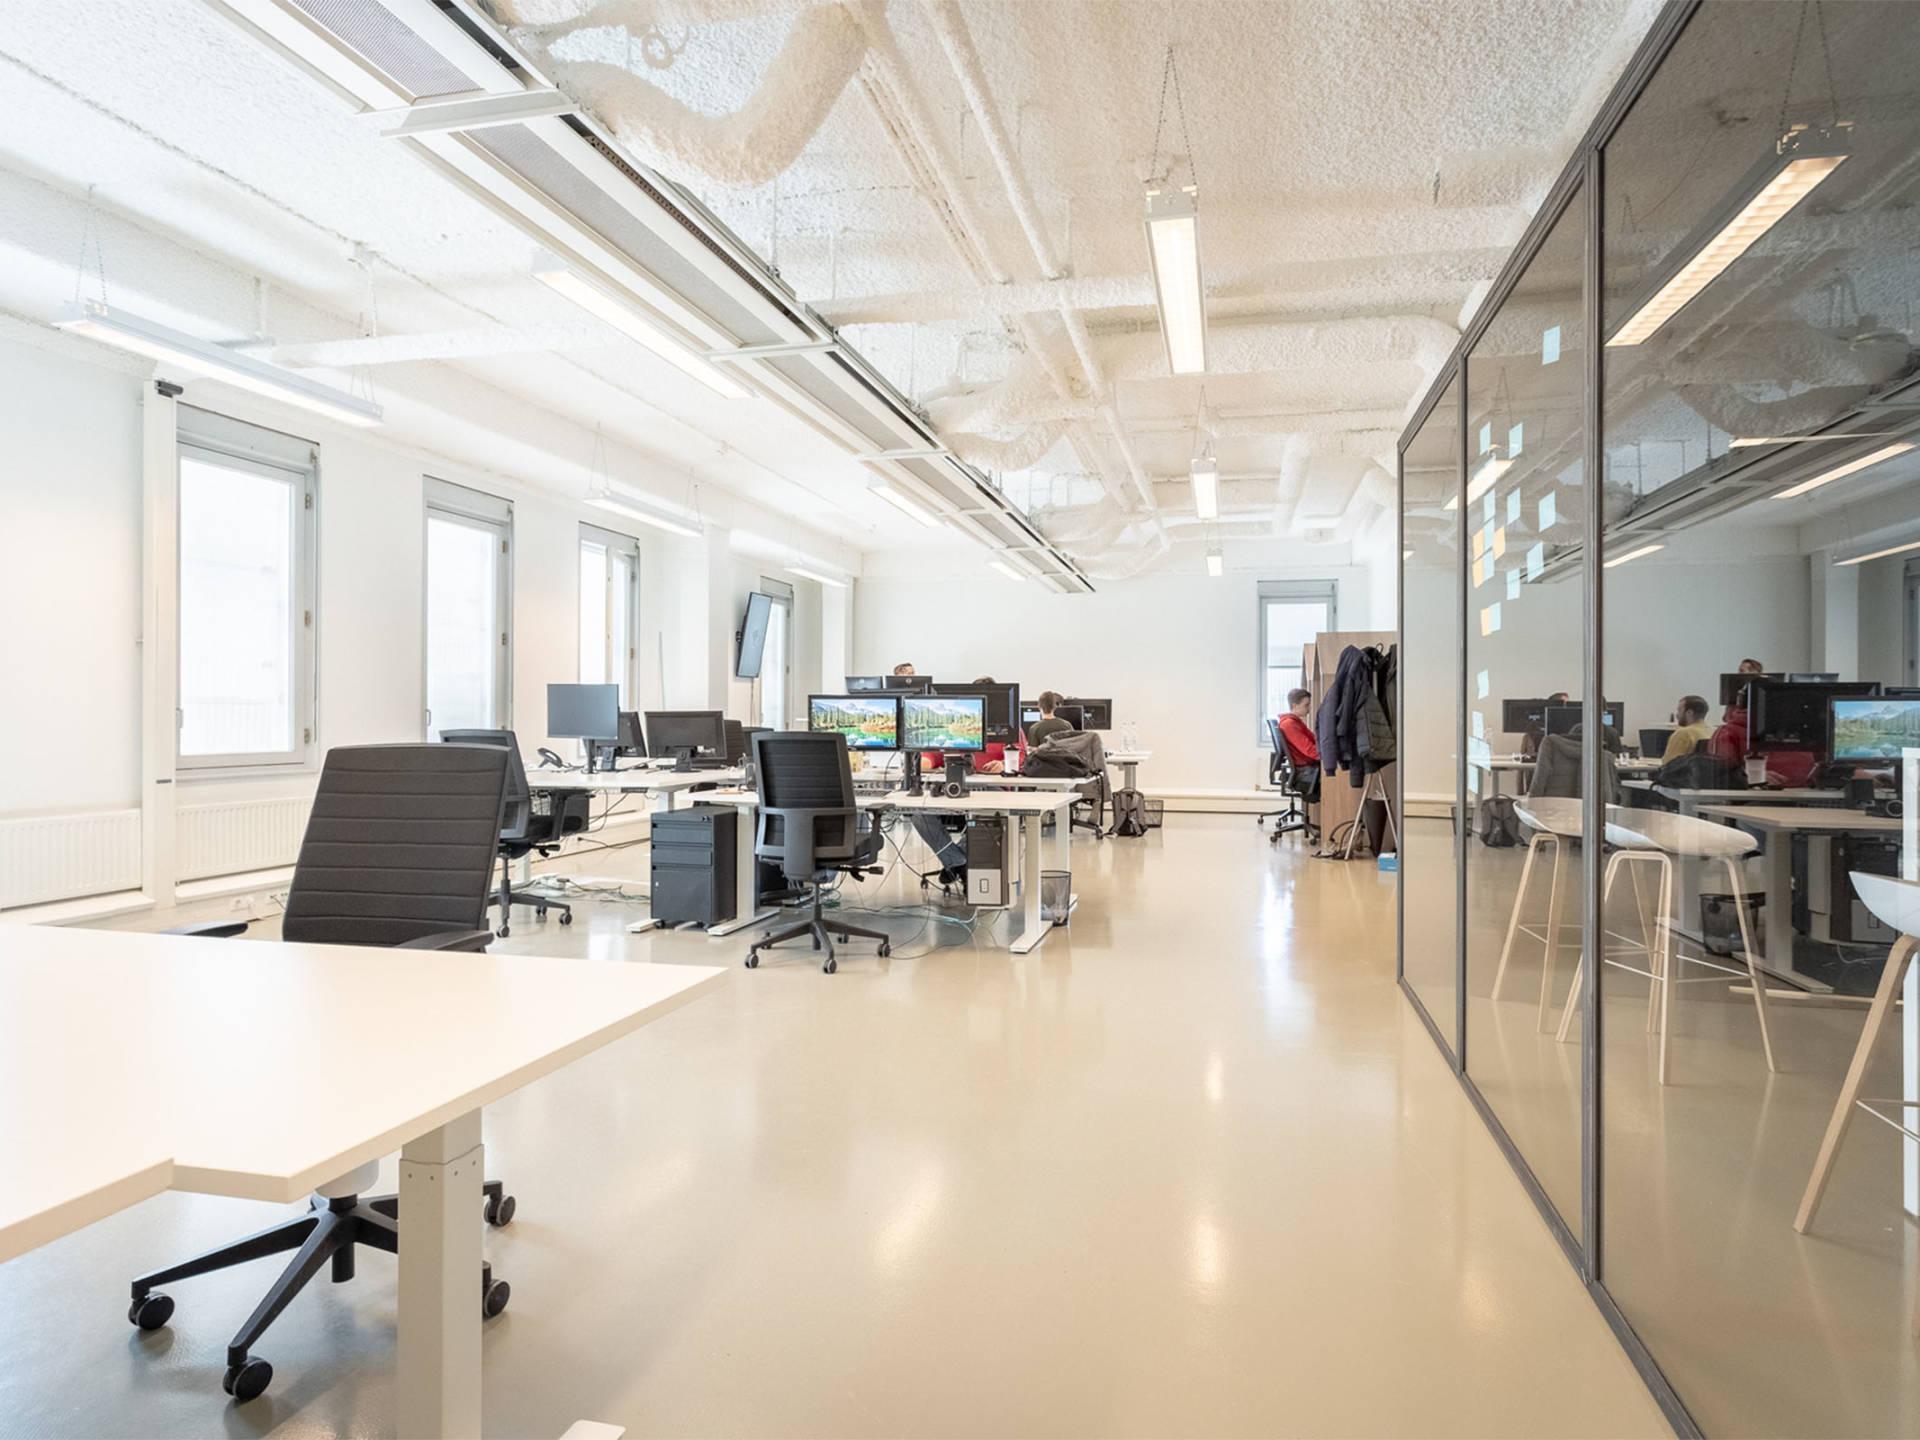 De open kantoorinrichting bij The Webmen bestaat uit elektrische zit-sta bureaus, bijpassende bureaustoelen en phonebooths.